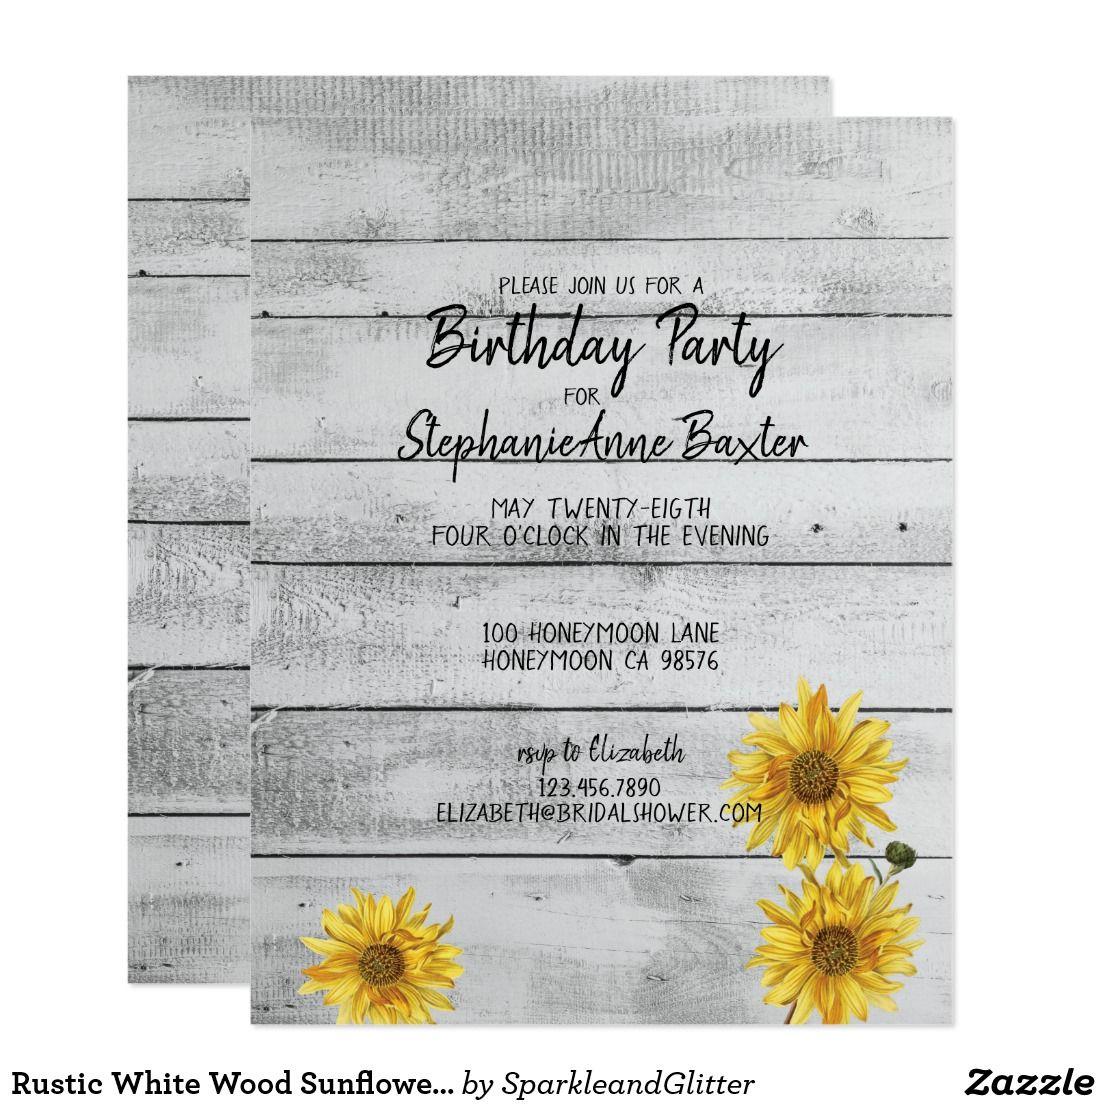 Rustic White Wood Sunflowers Birthday Invitation | Rustic white ...